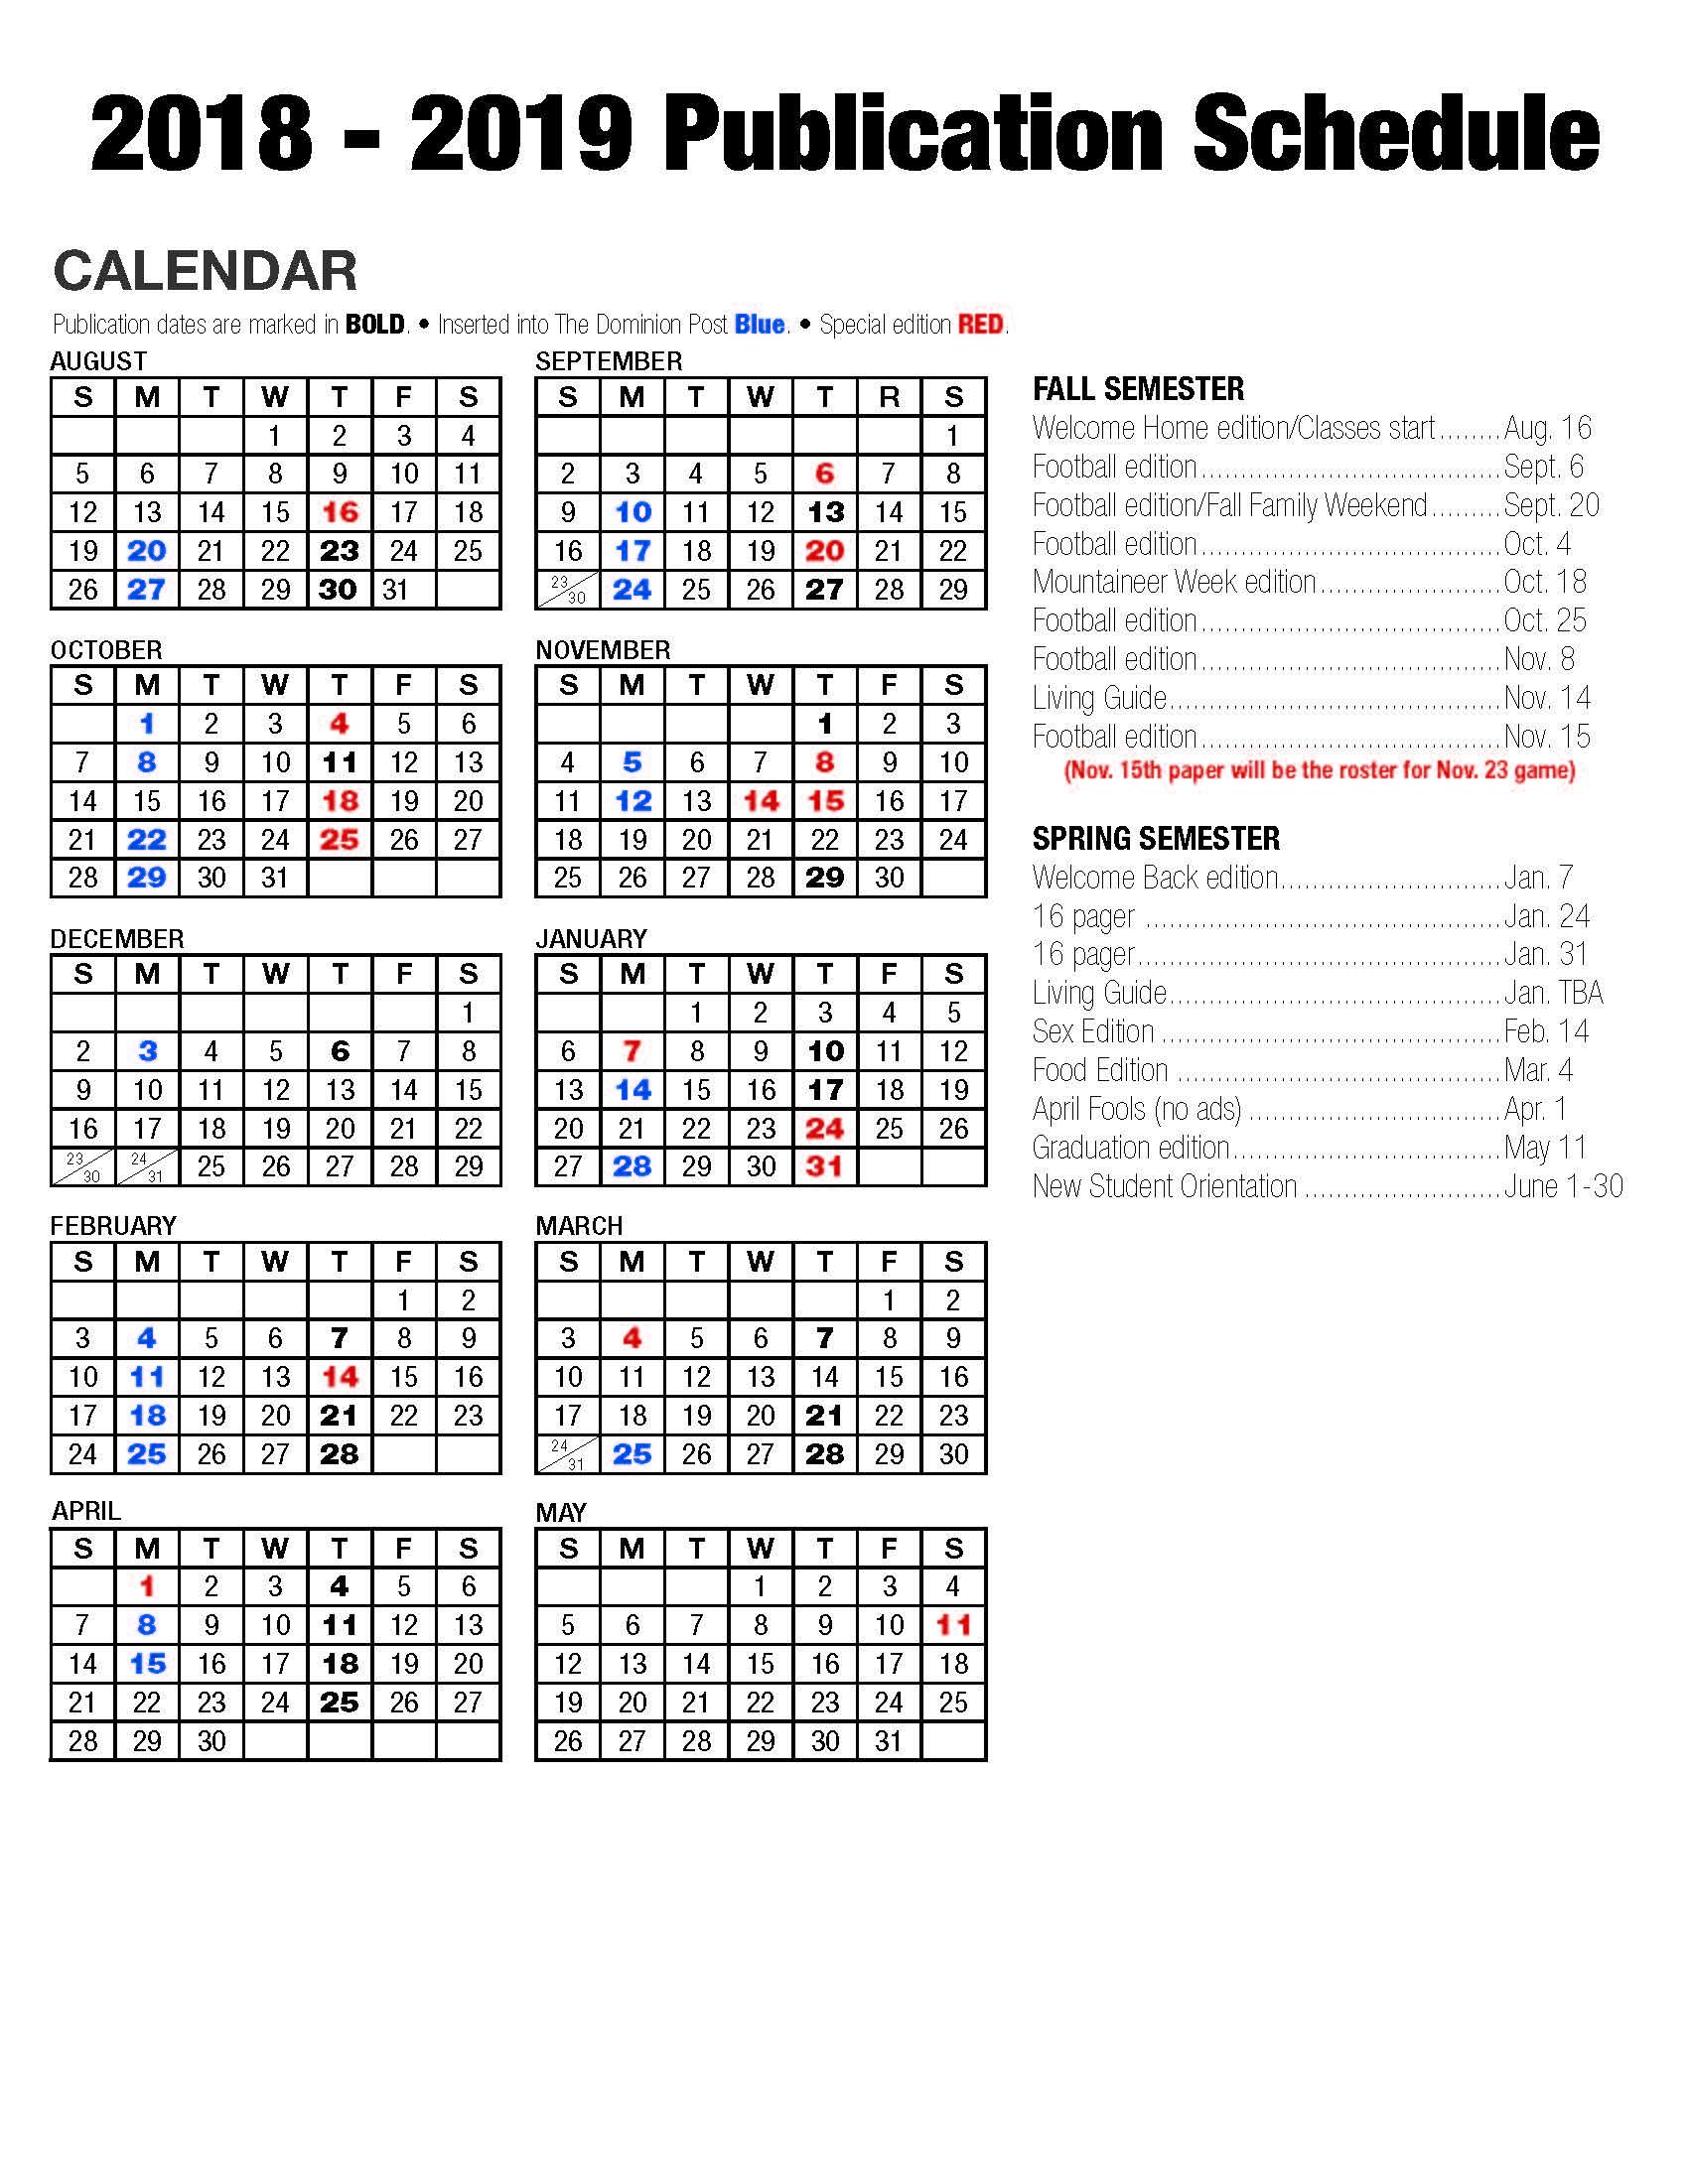 Publication Schedule Preview